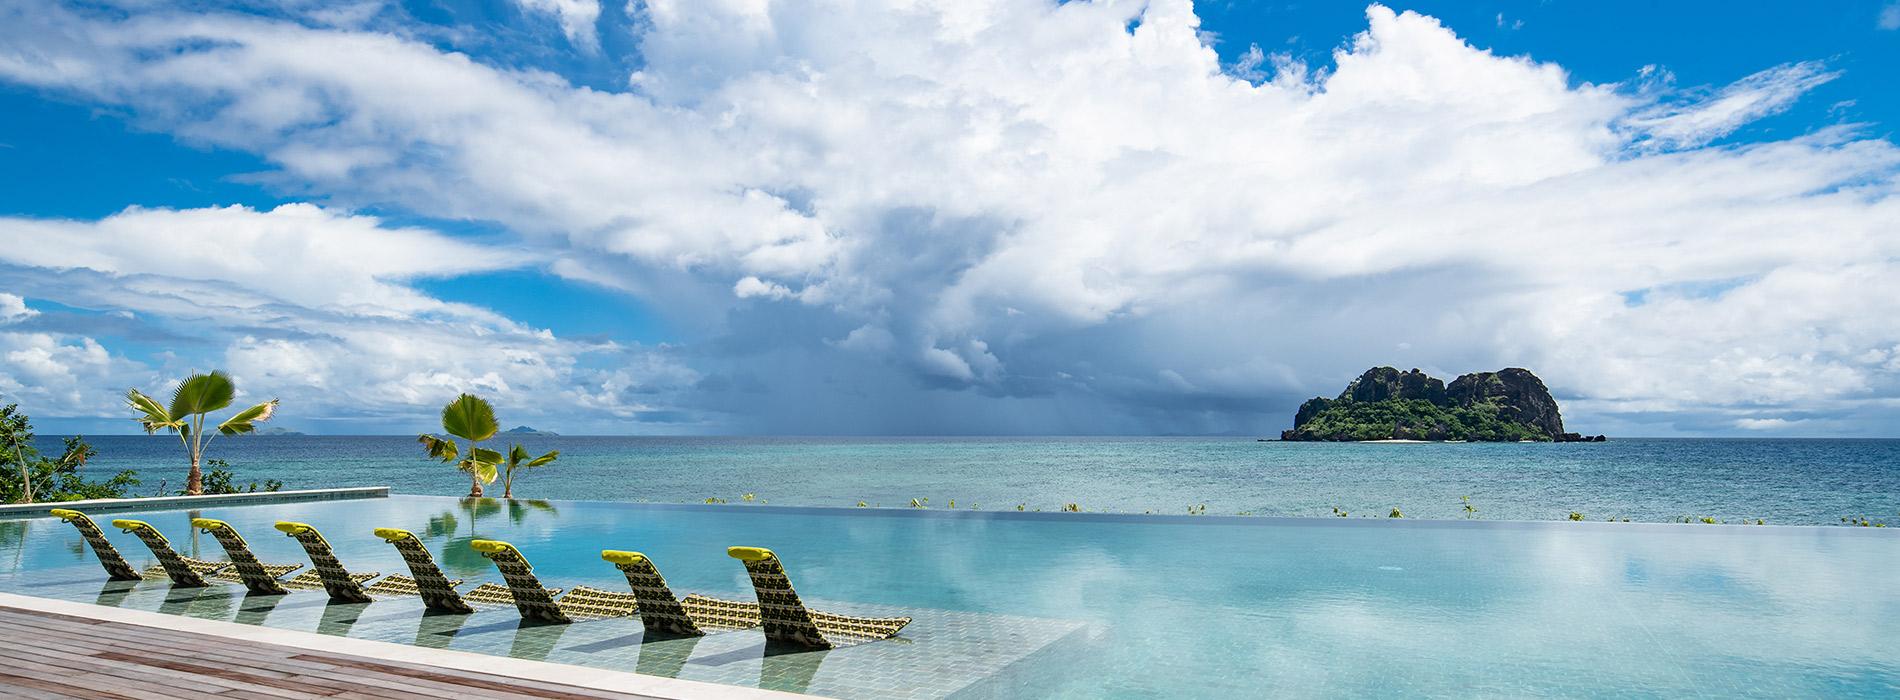 vomo island fiji family holiday